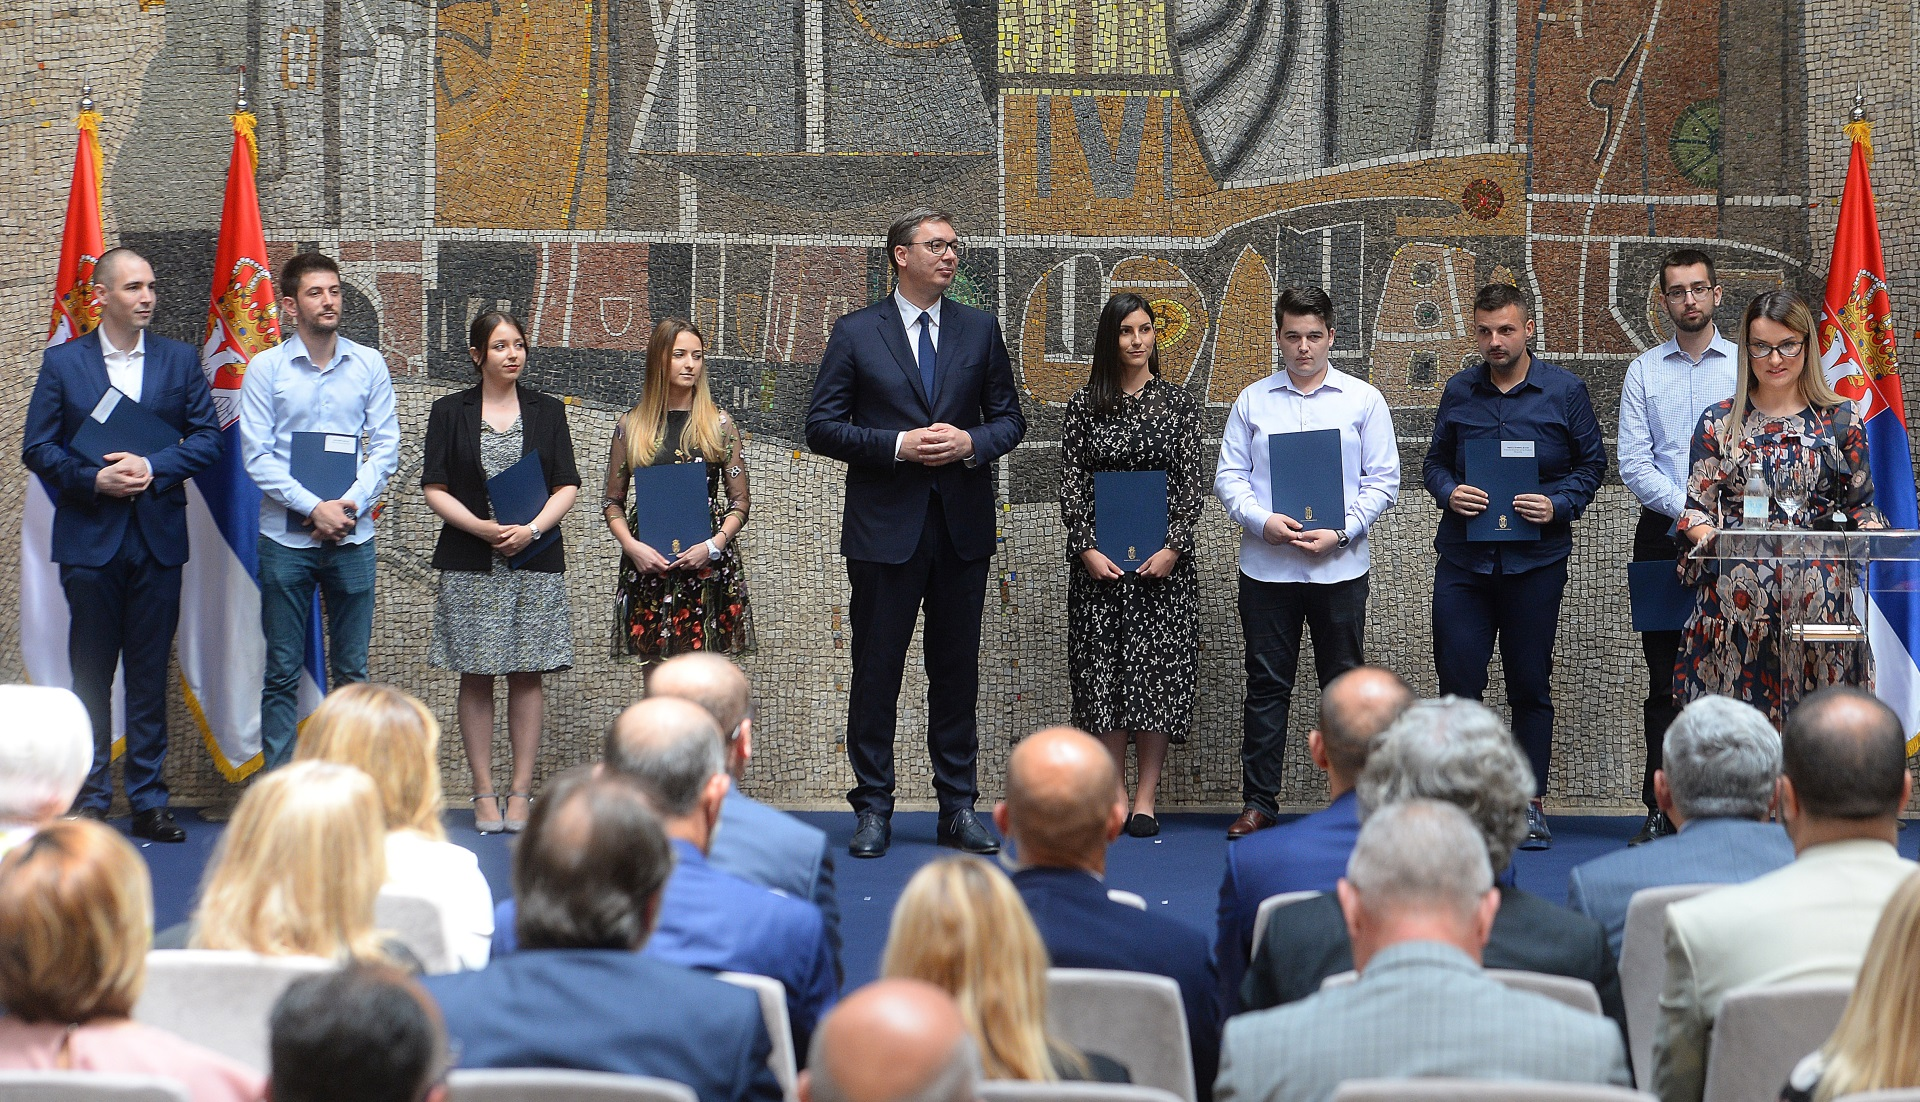 Najbolji diplomci medicinskih fakulteta, kao i srednjih medicinskih skola u Srbiji dobija danas ugovore o radu, a ugovore im svecano urucuje predsednik Aleksandar Vucic.